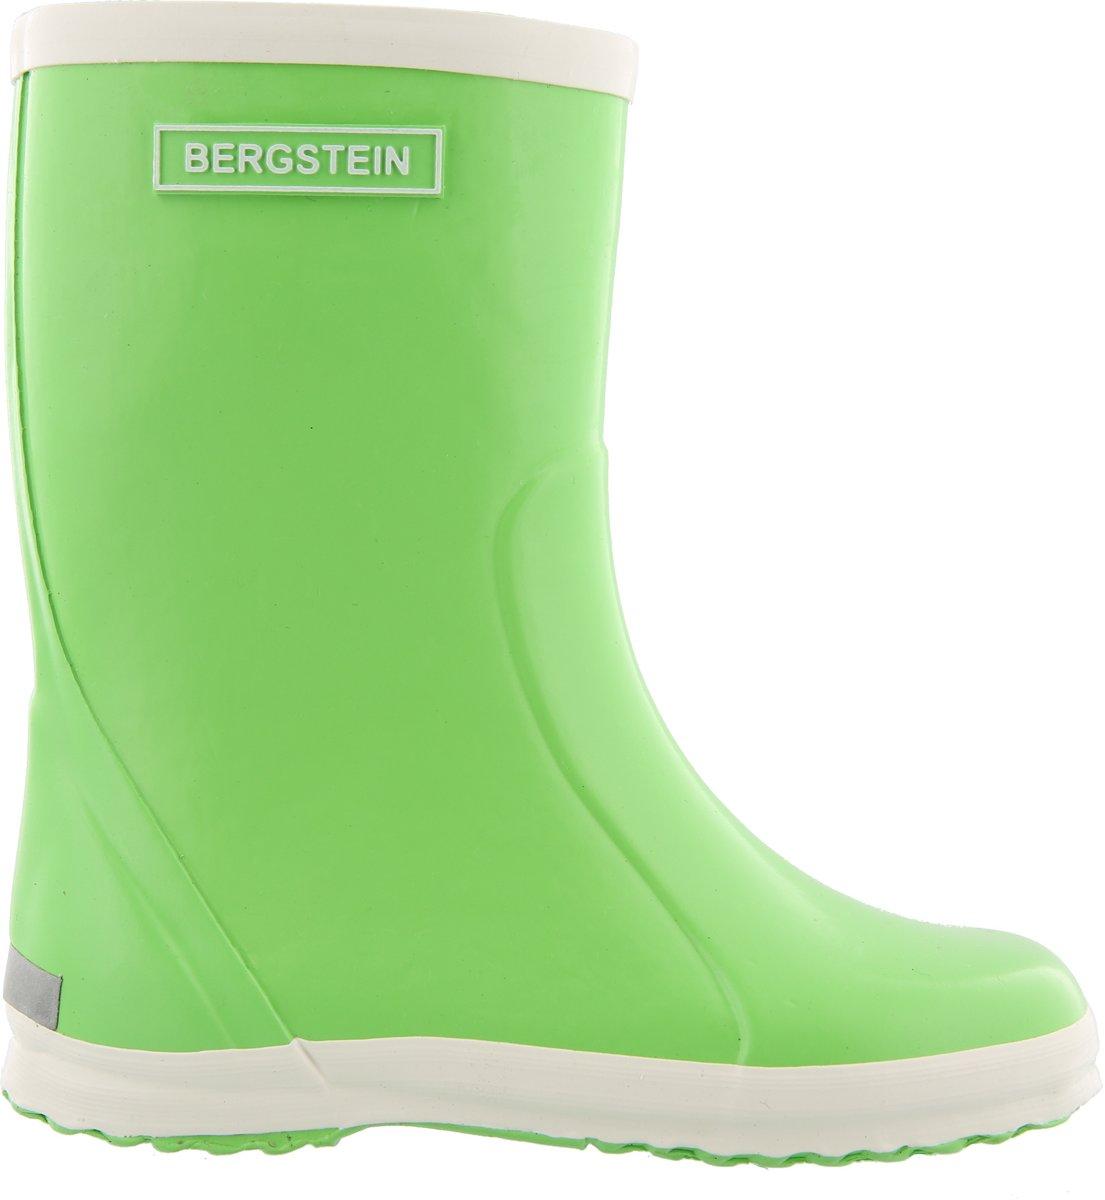 Bergstein Regenlaarzen Kinderen - Lime green